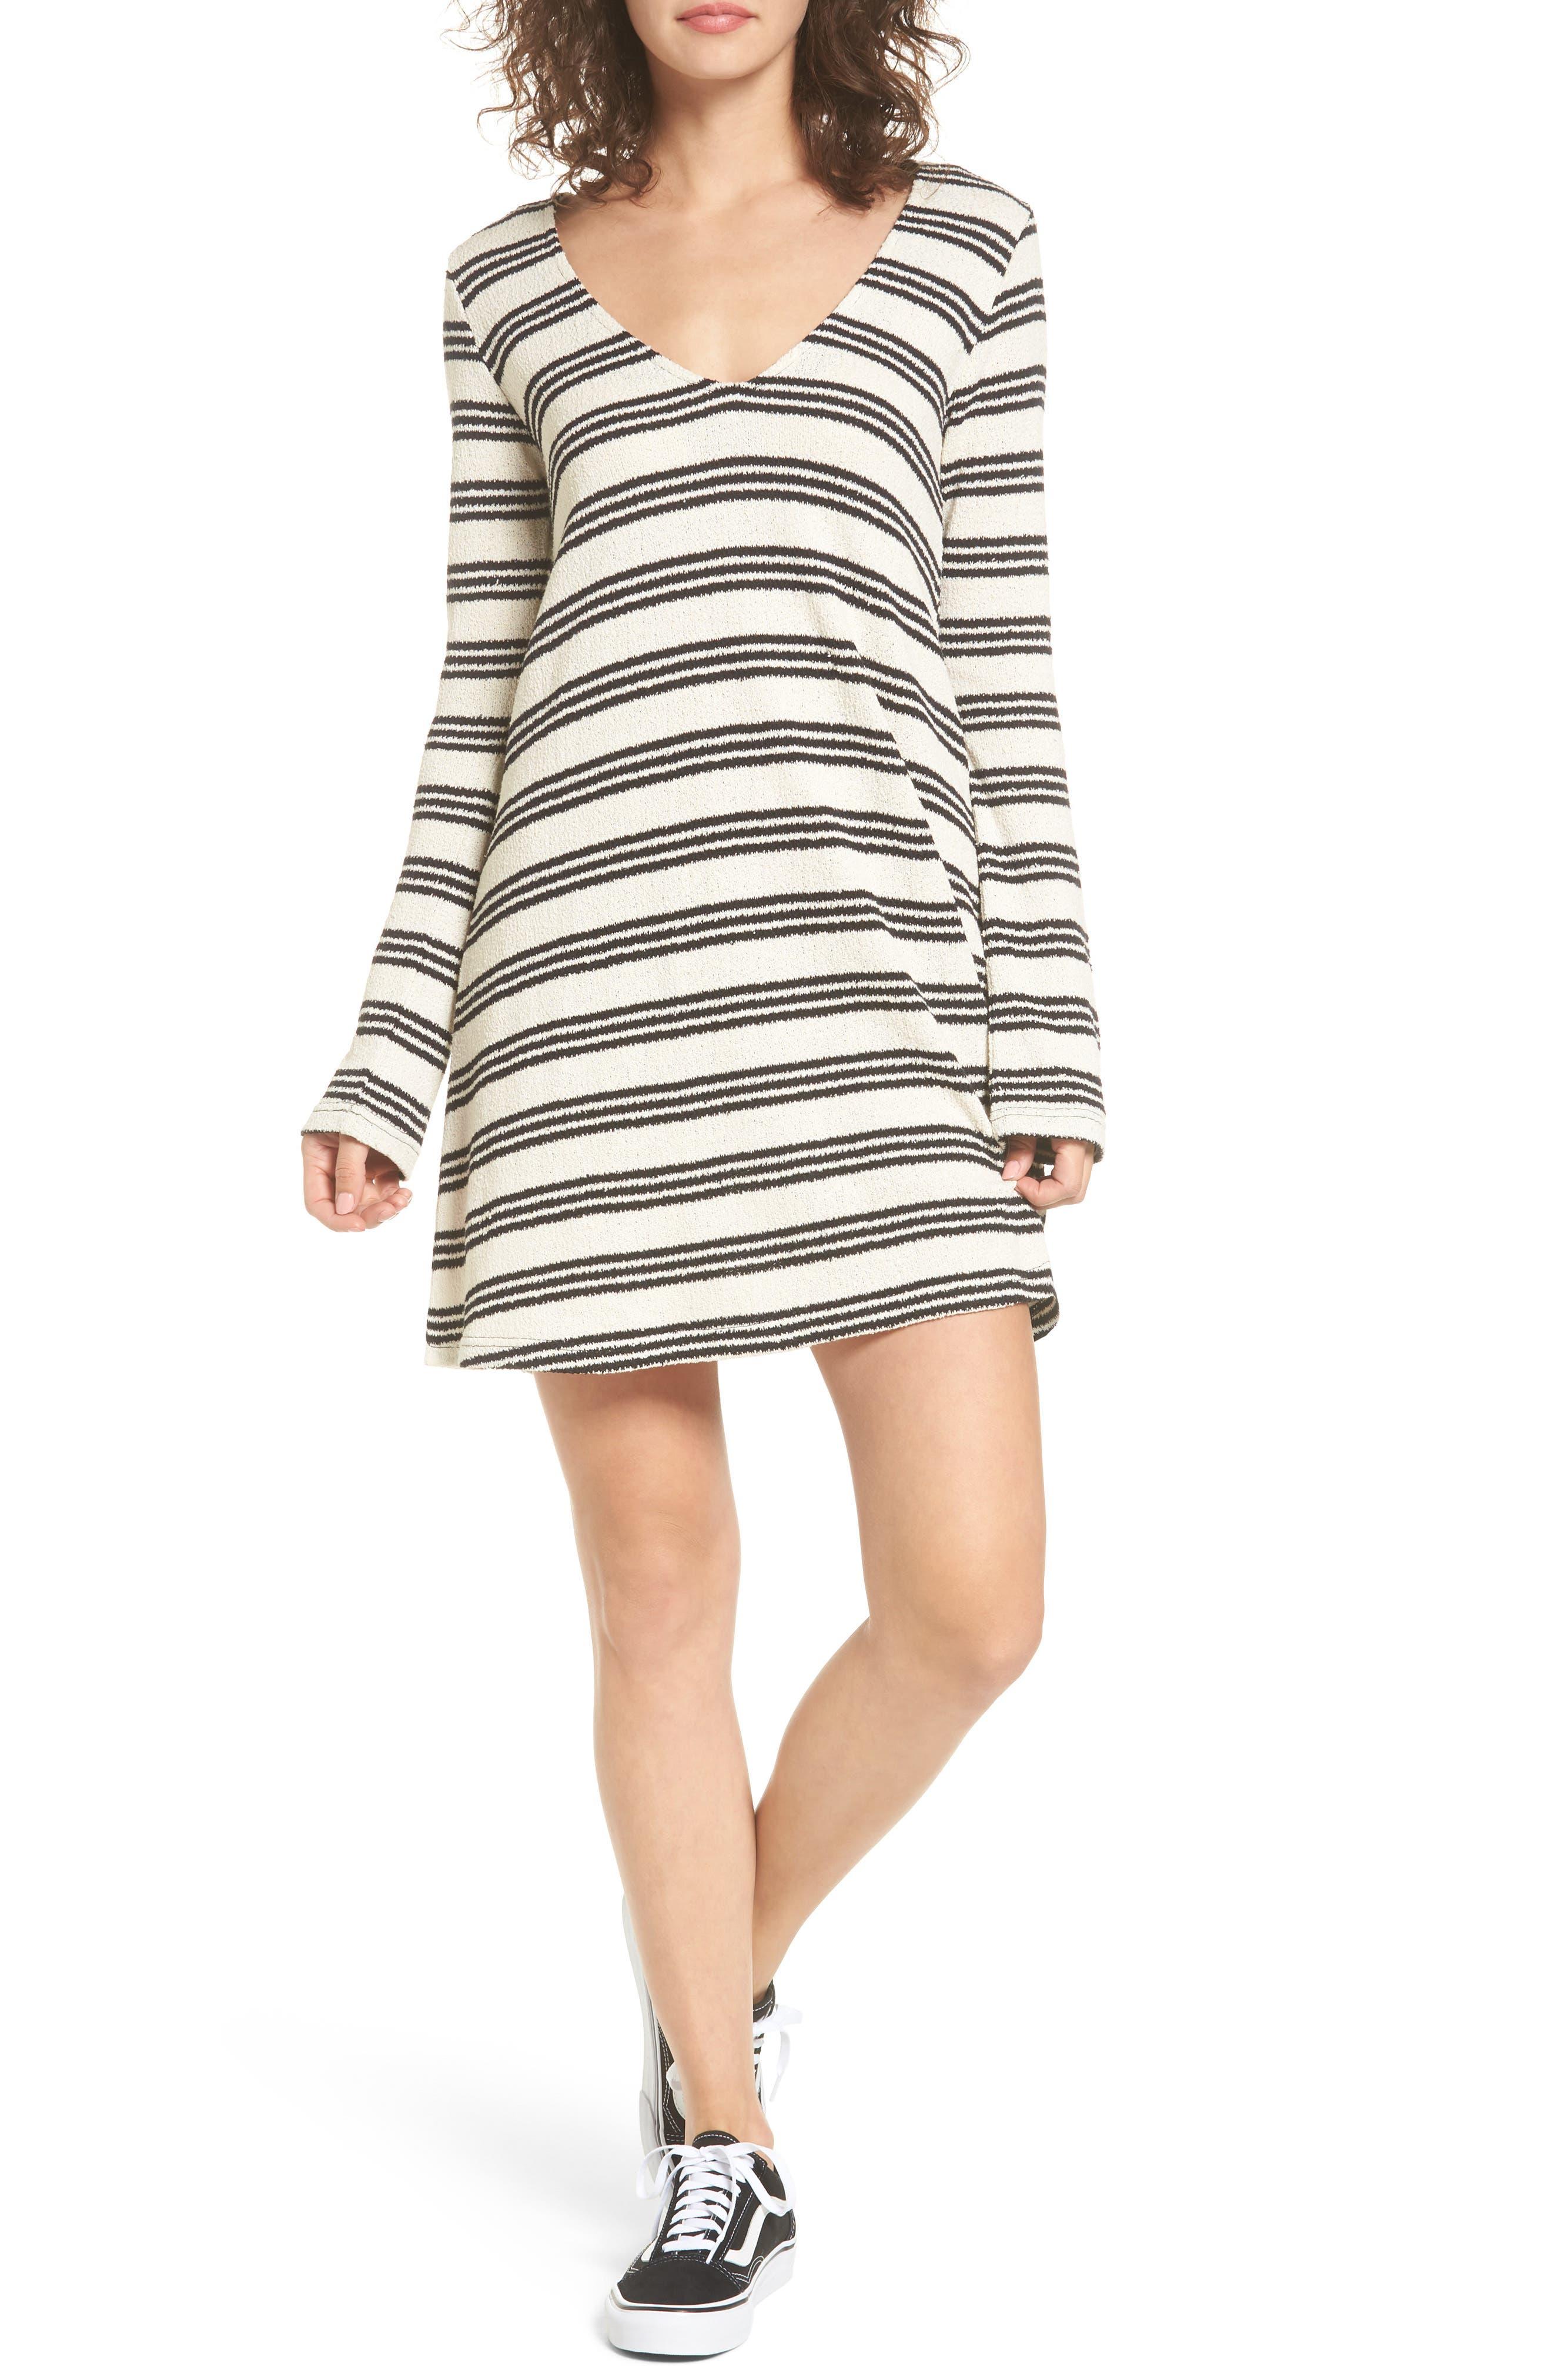 ONEILL Margo T-Shirt Dress